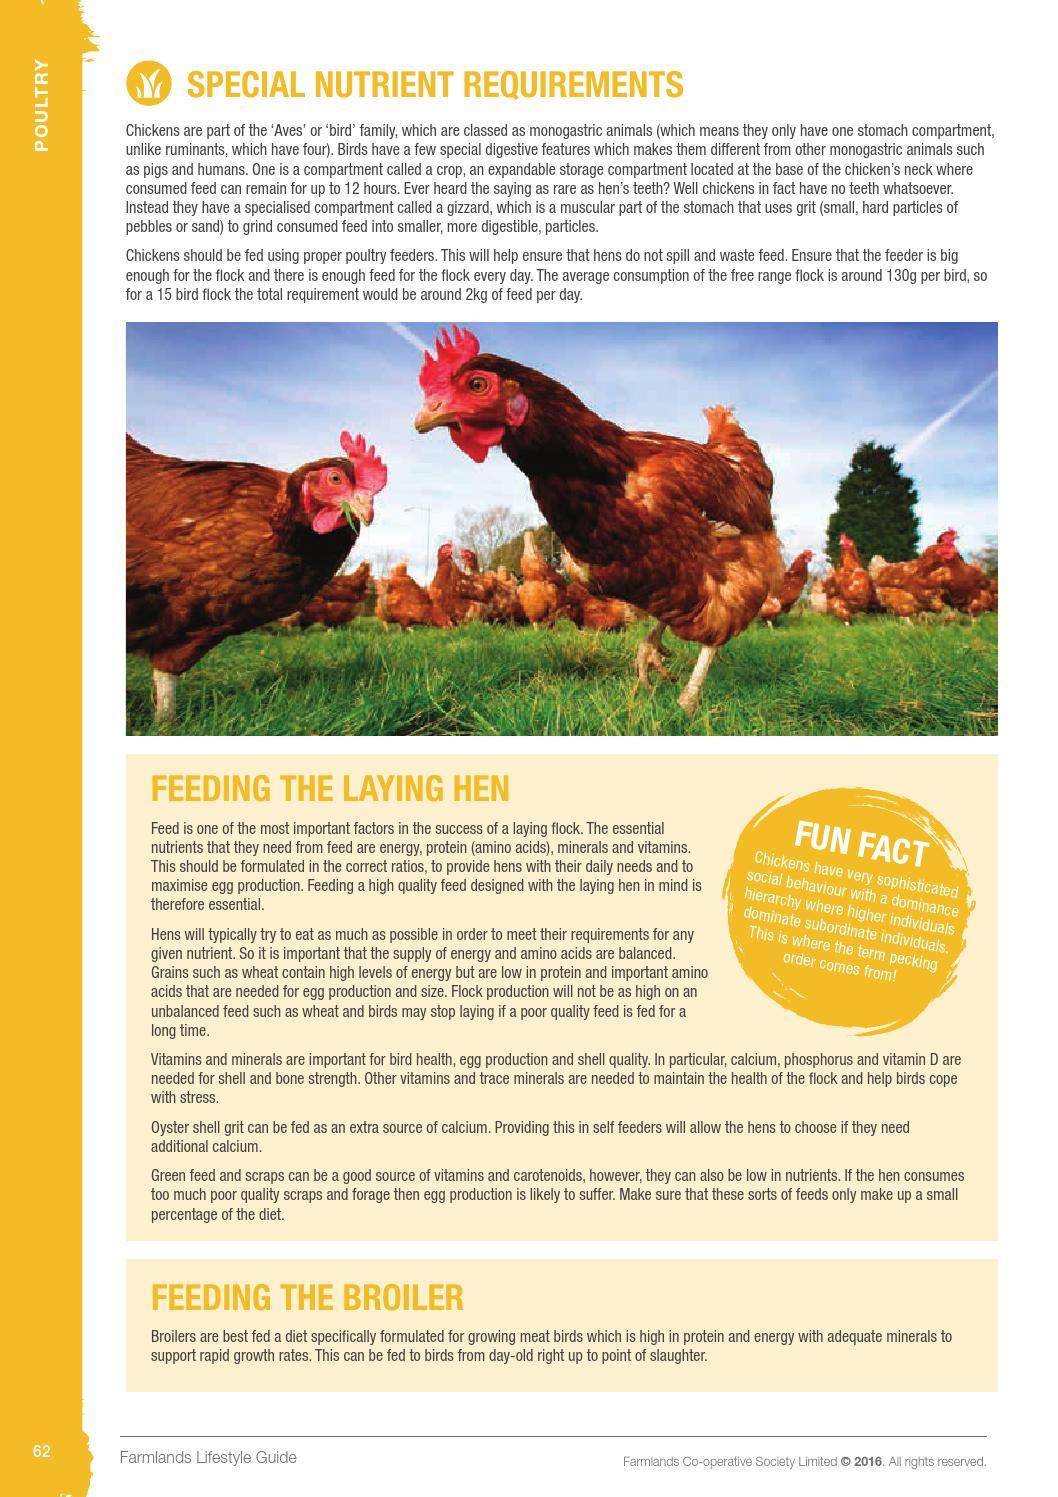 Farmlands Lifestyle Guide by Farmlands - issuu